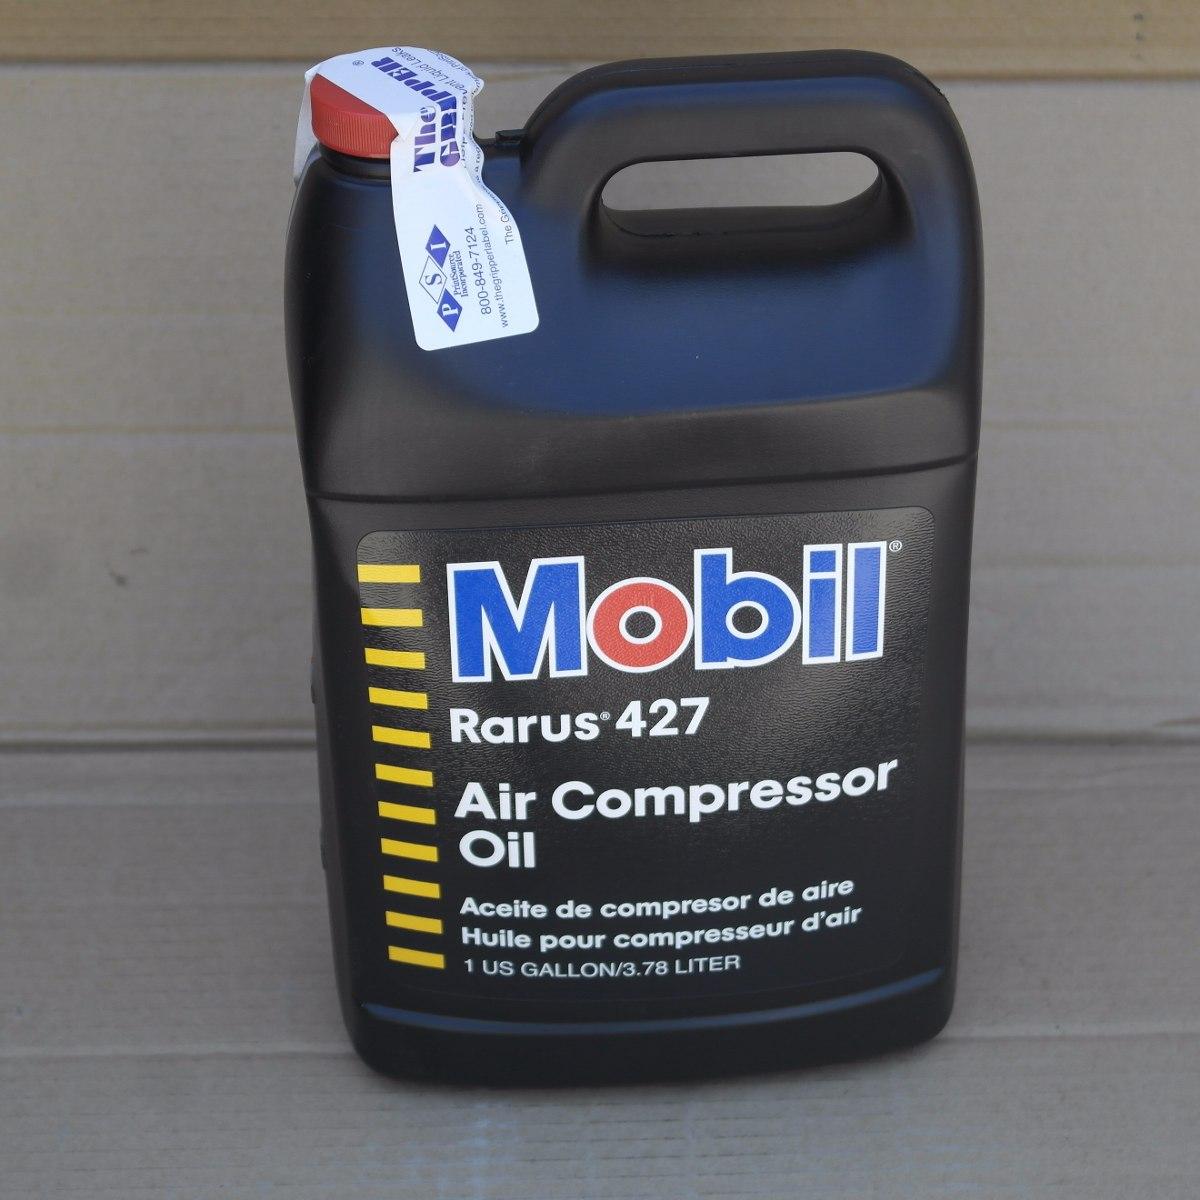 Aceite para compresor mobil rarus 427 made in usa 1 galon for Aceite para compresor